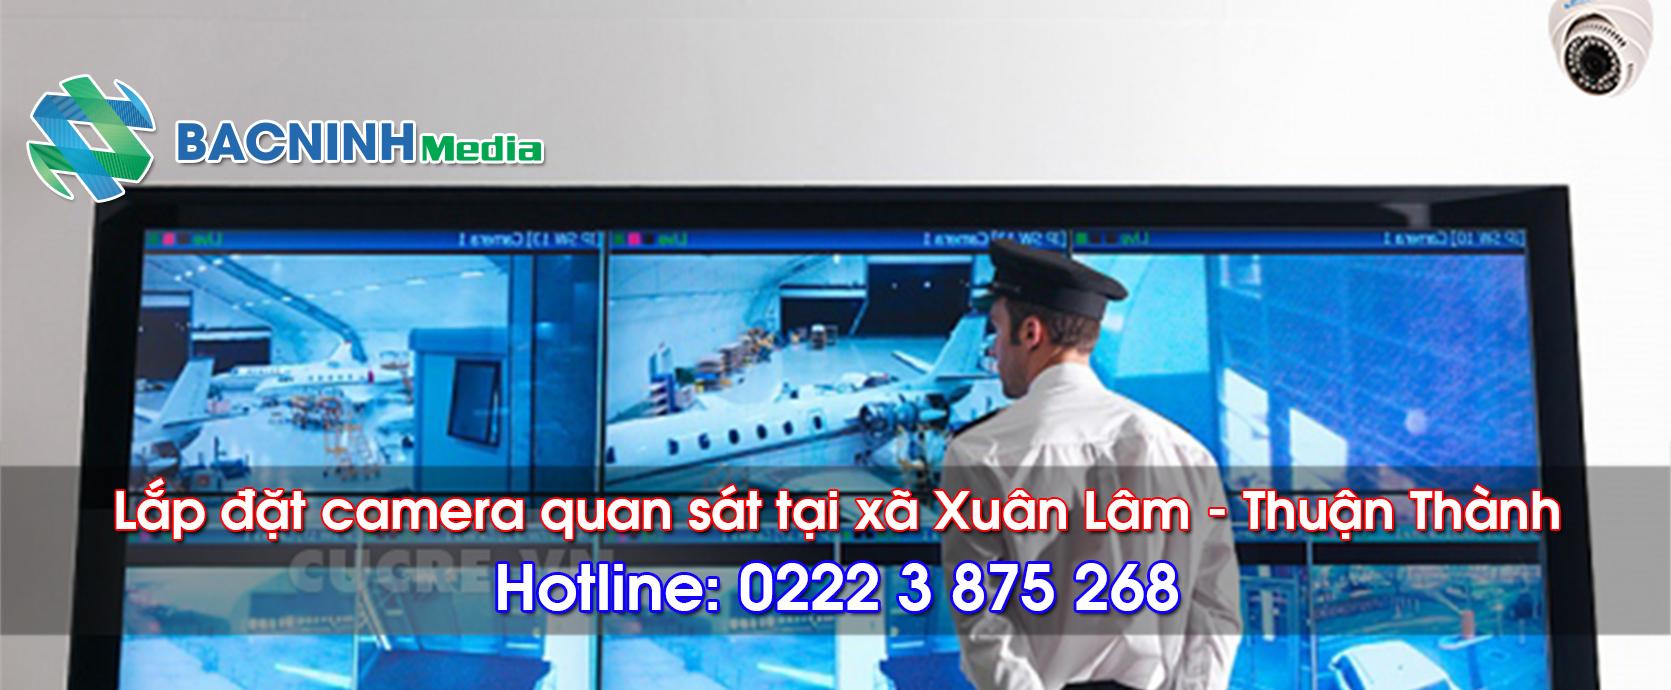 Lắp đặt camera quan sát tại xã Xuân Lâm, huyện Thuận Thành Bắc Ninh